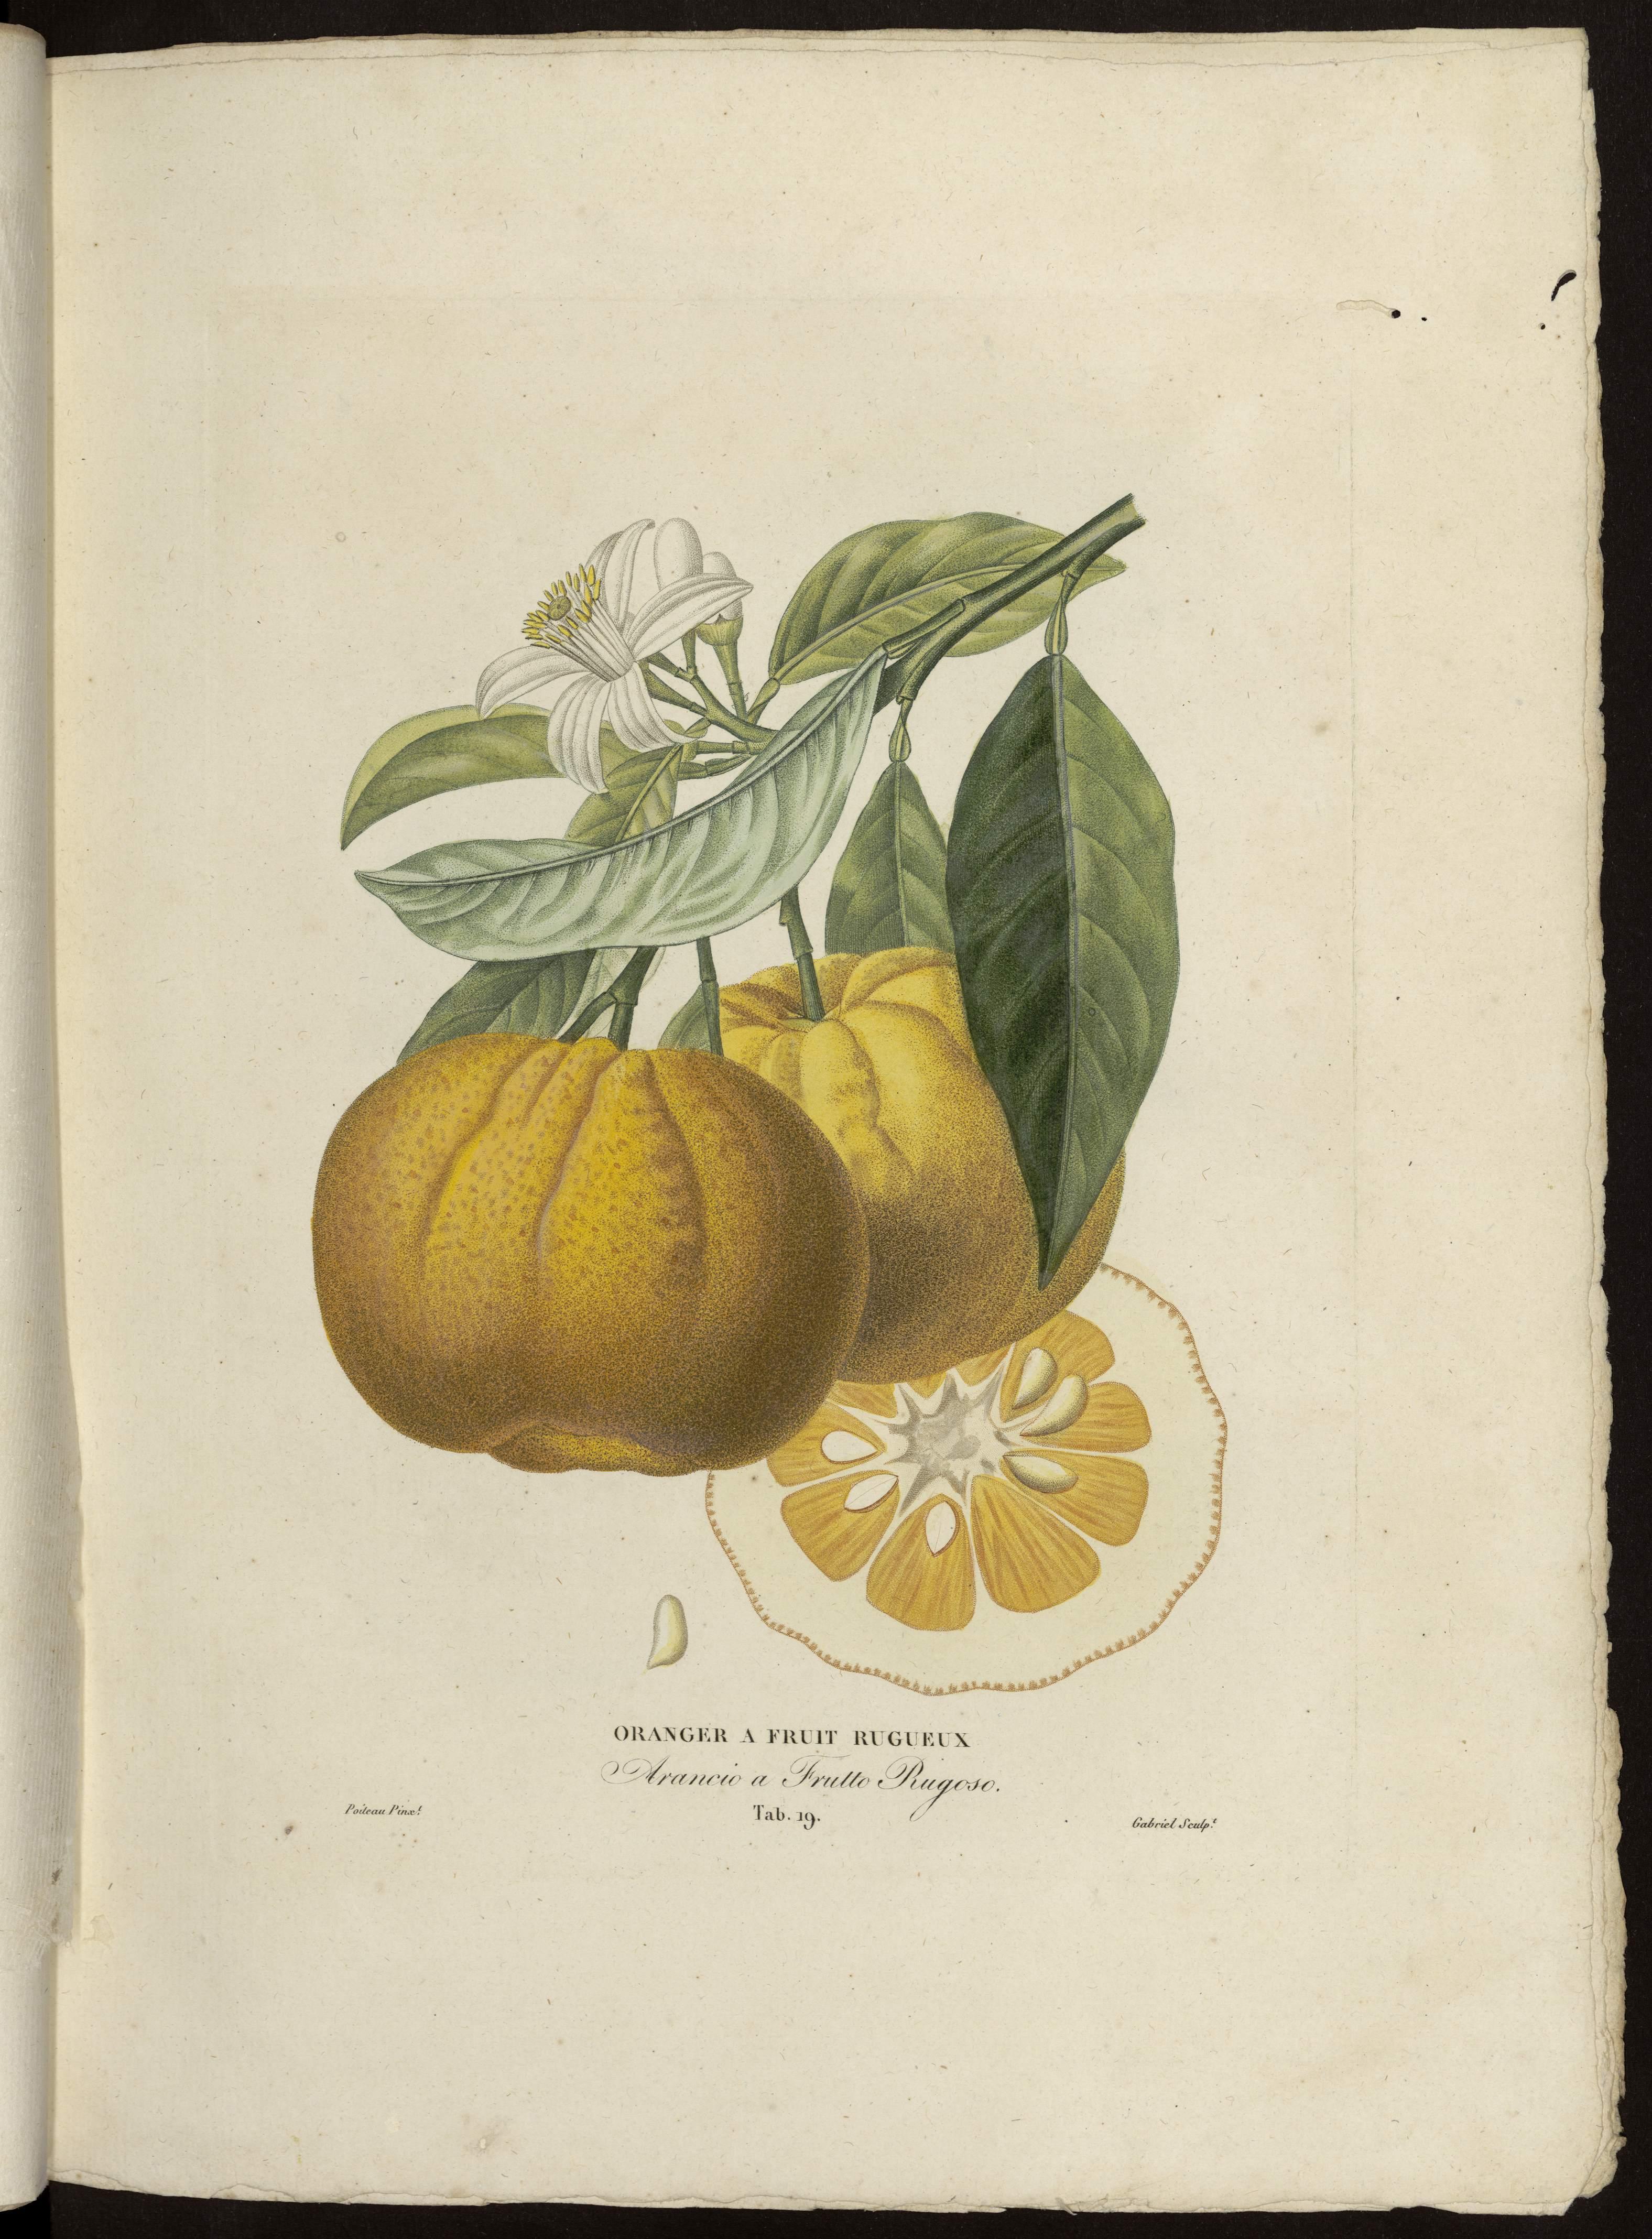 oranger à fruit rugueux